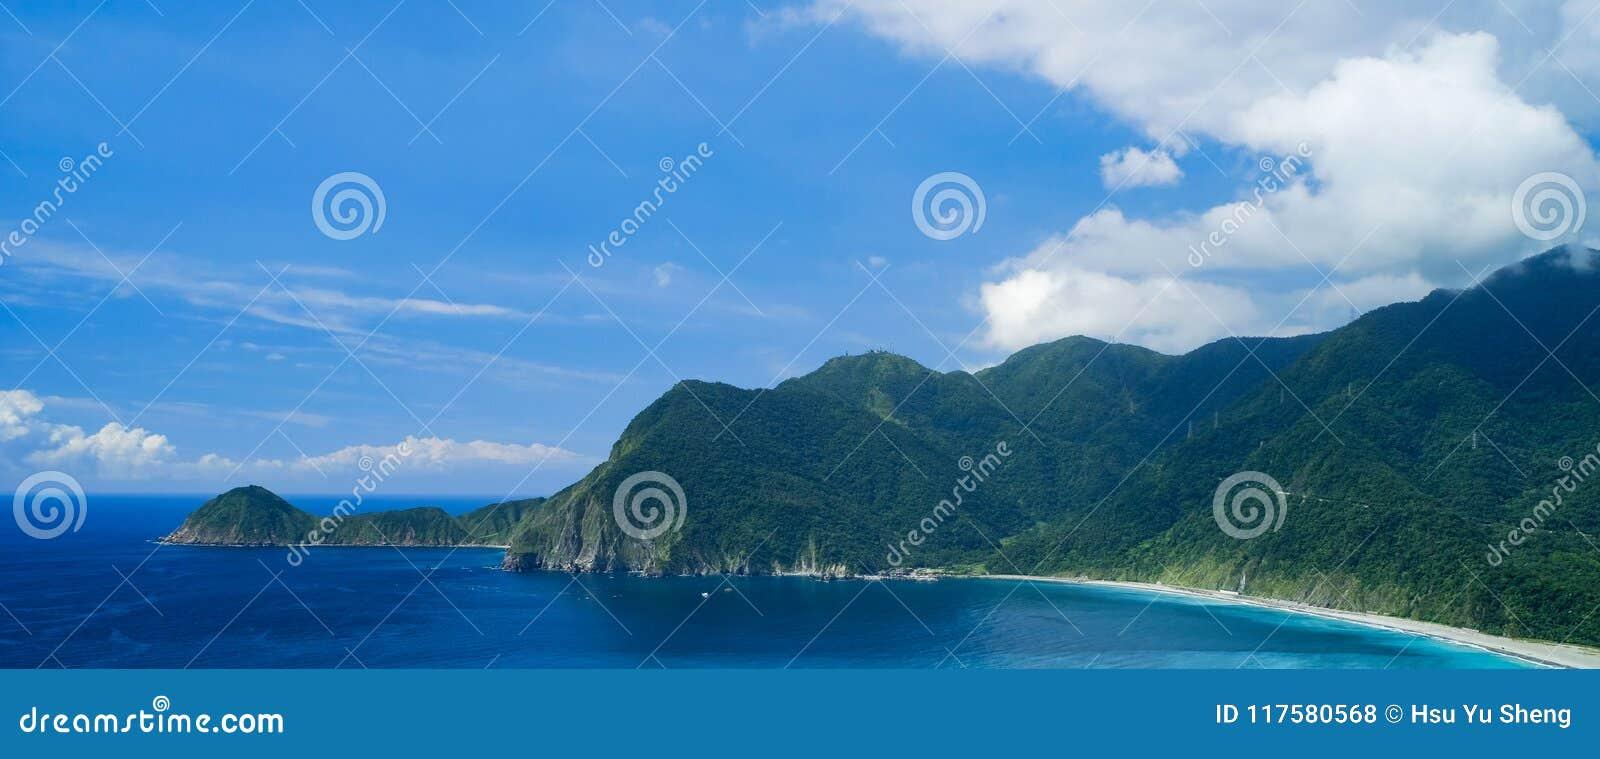 Paesaggio della costa di Wushihbi - punto naturale famoso di Yilan, Taiwan Vista aerea di occhio di uccelli con il cielo luminoso